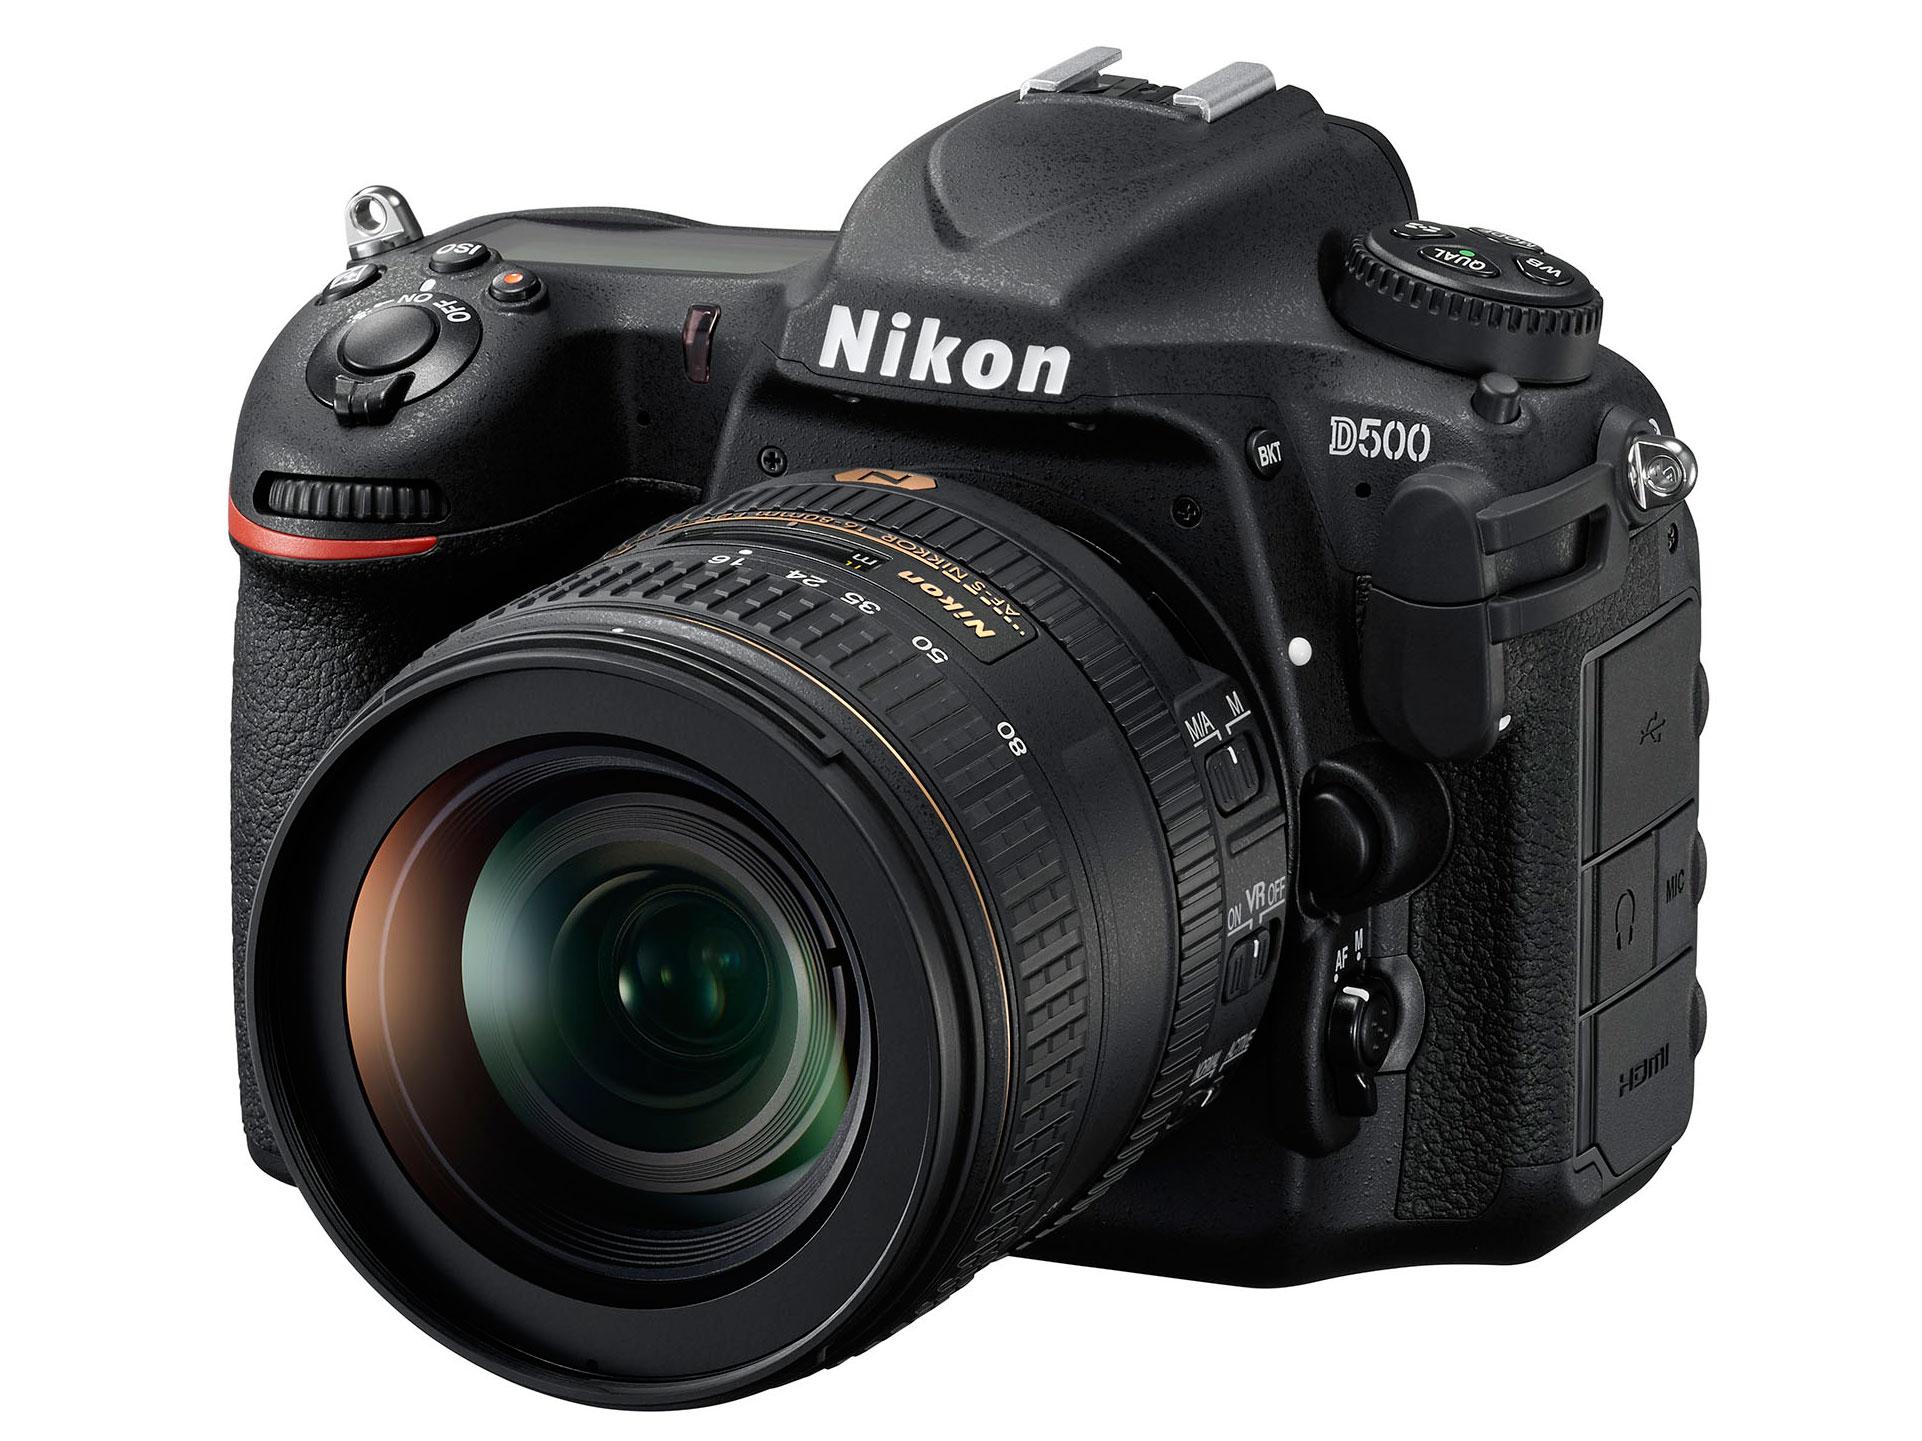 Nikon D500 DSLR Camera & 16-80mm AF-S DX VR Lens Kit